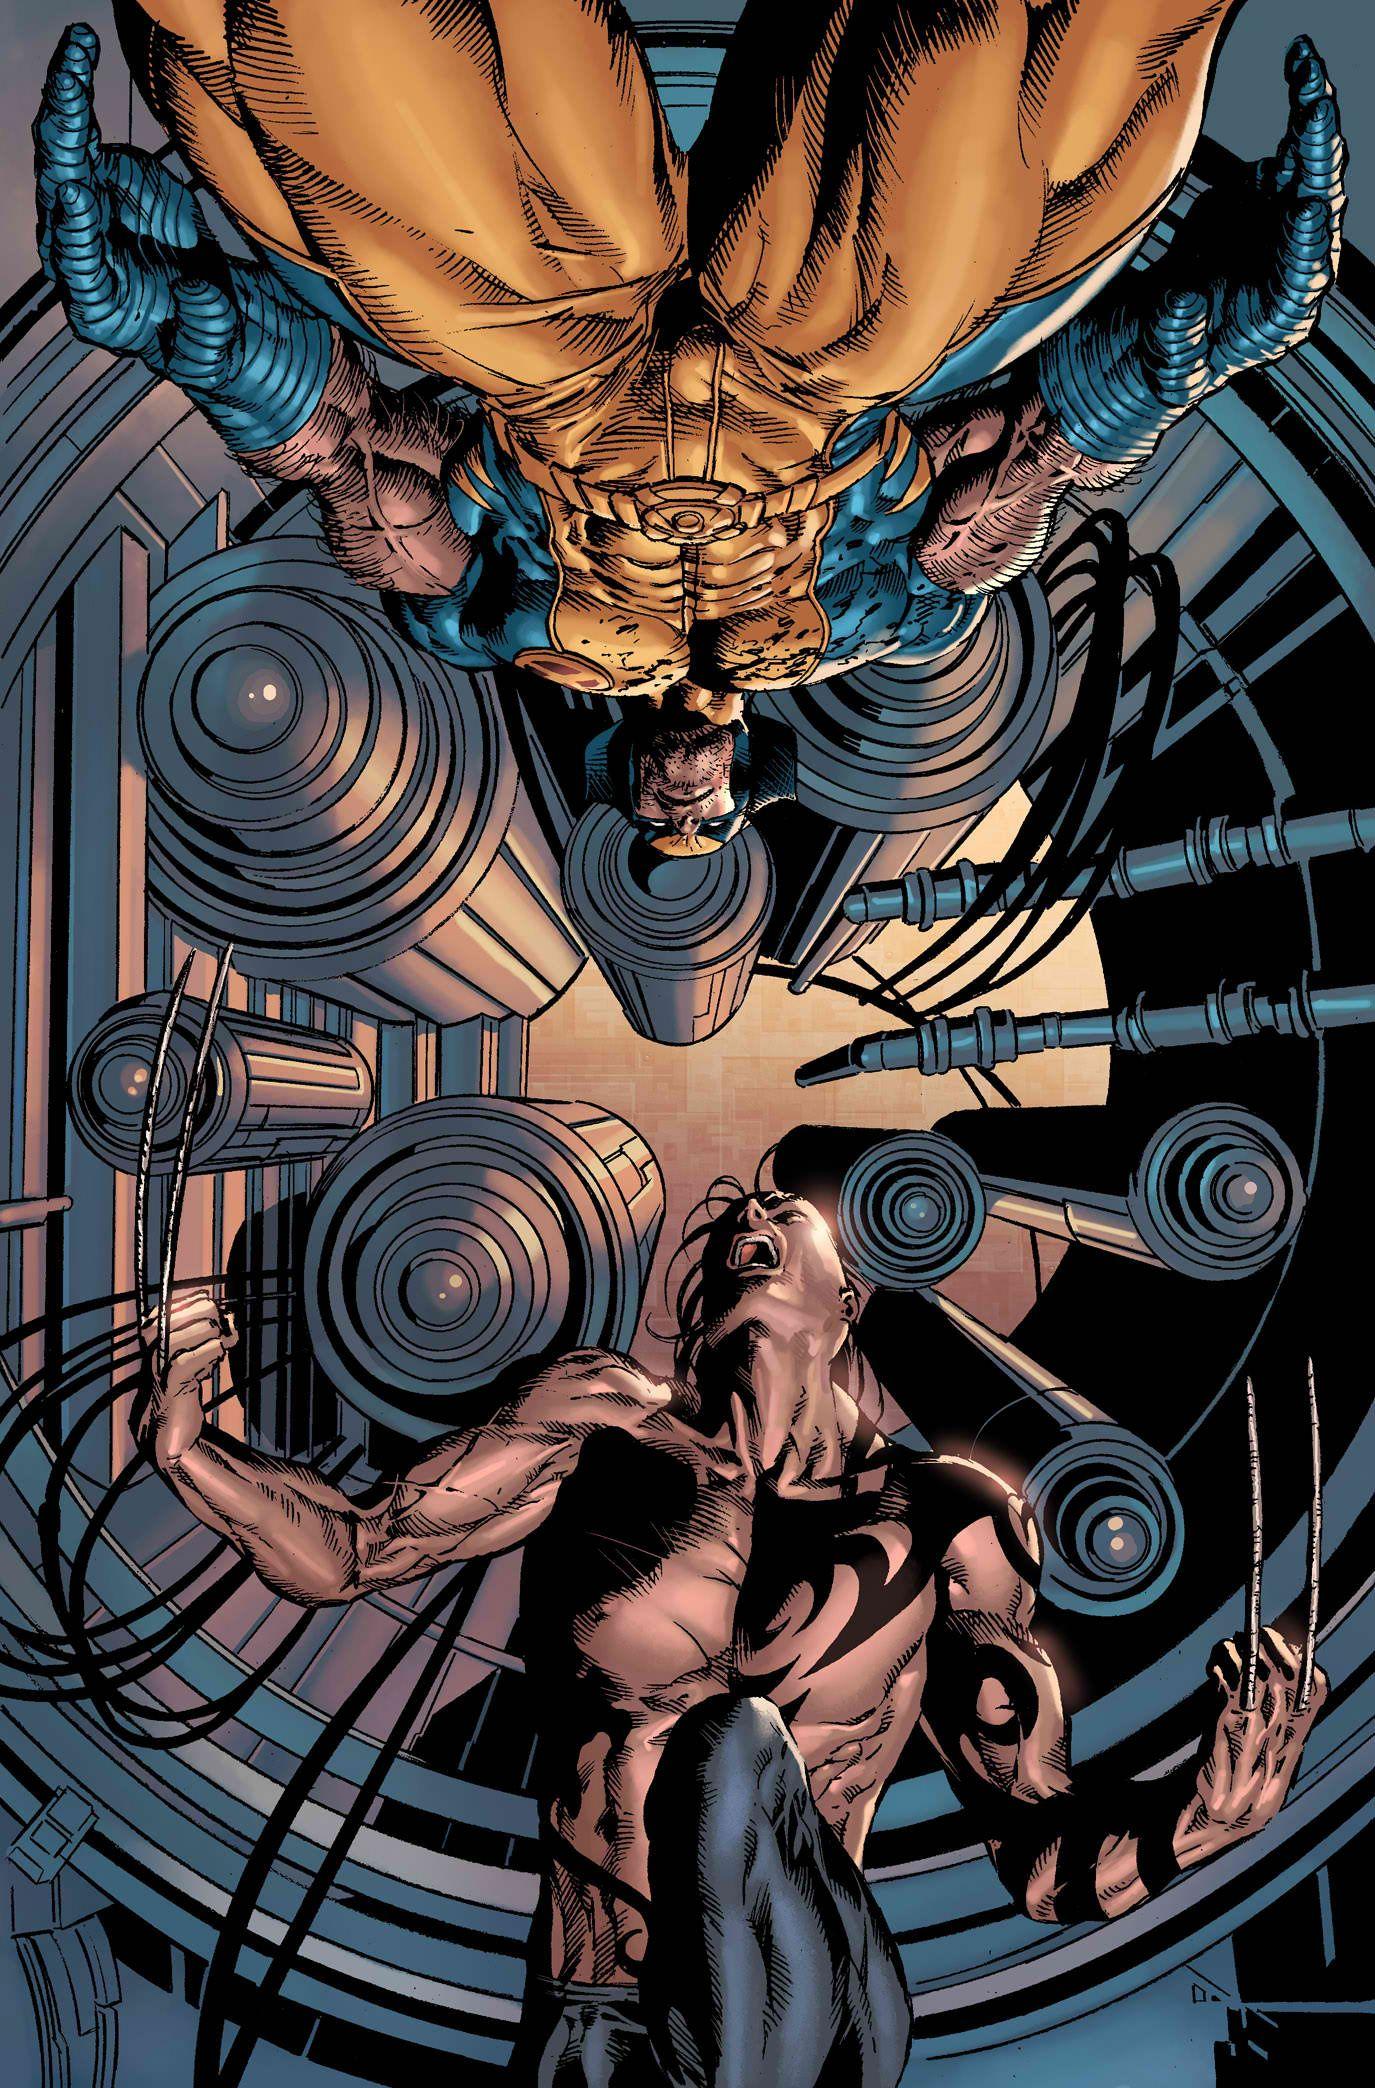 Wolverine vs. Daken by Mike Deadato Jr.